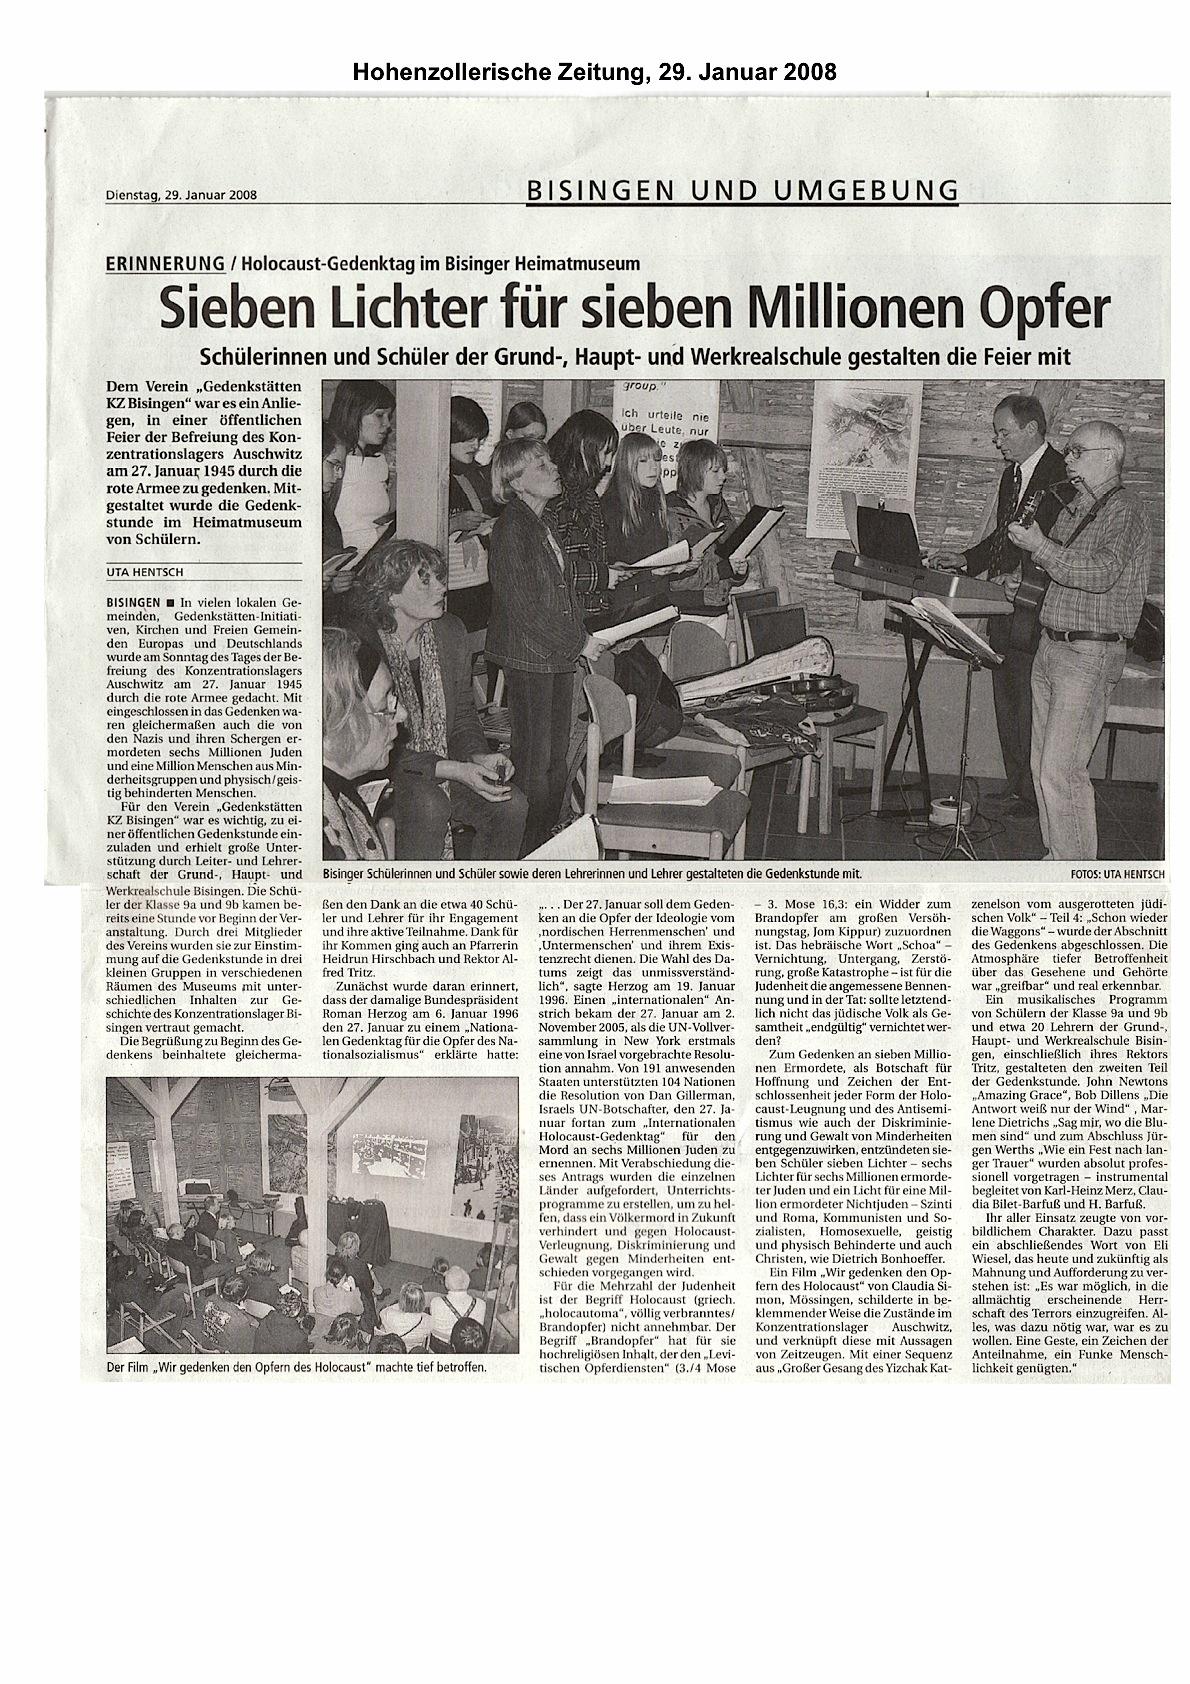 9-presse-hohenzollersiche-zeitung290120081